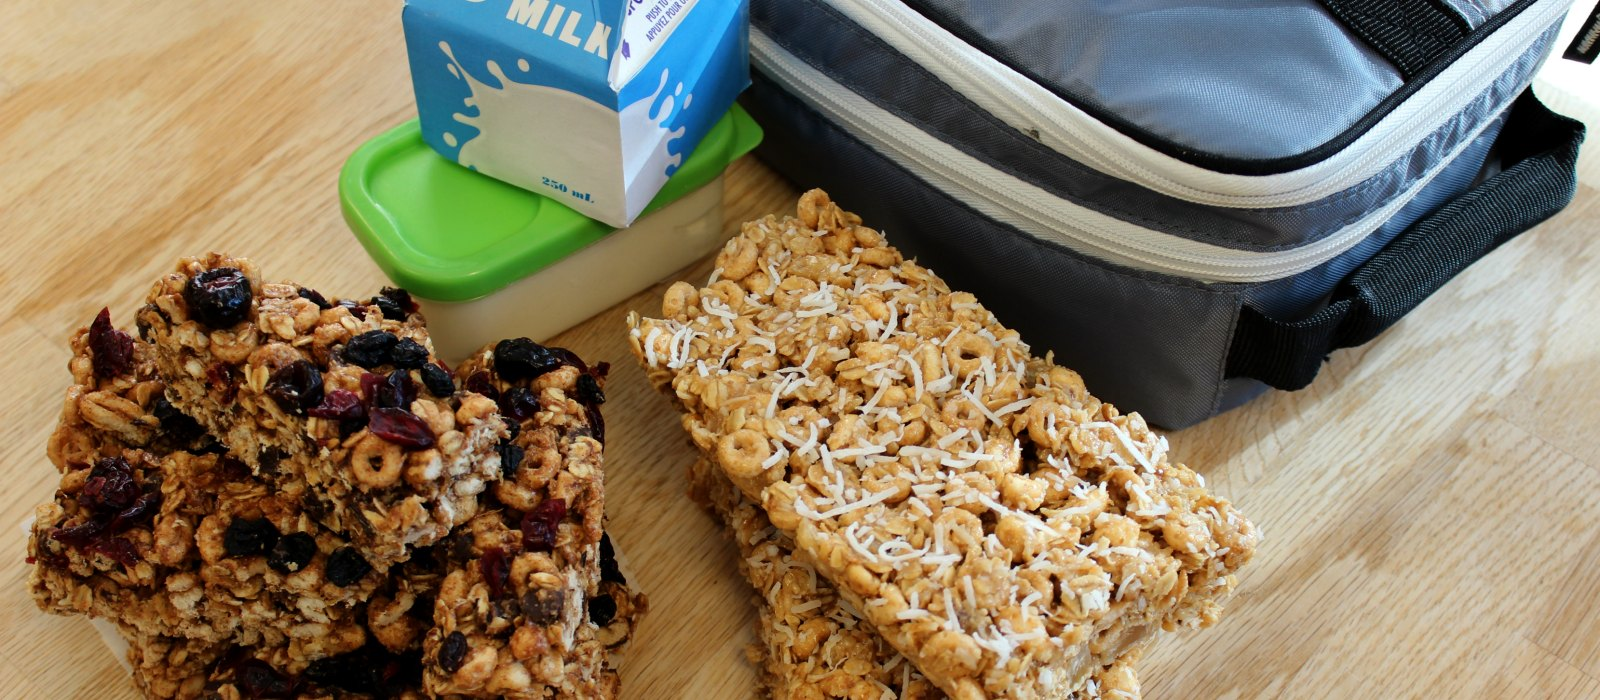 School-Safe Cereal Bars